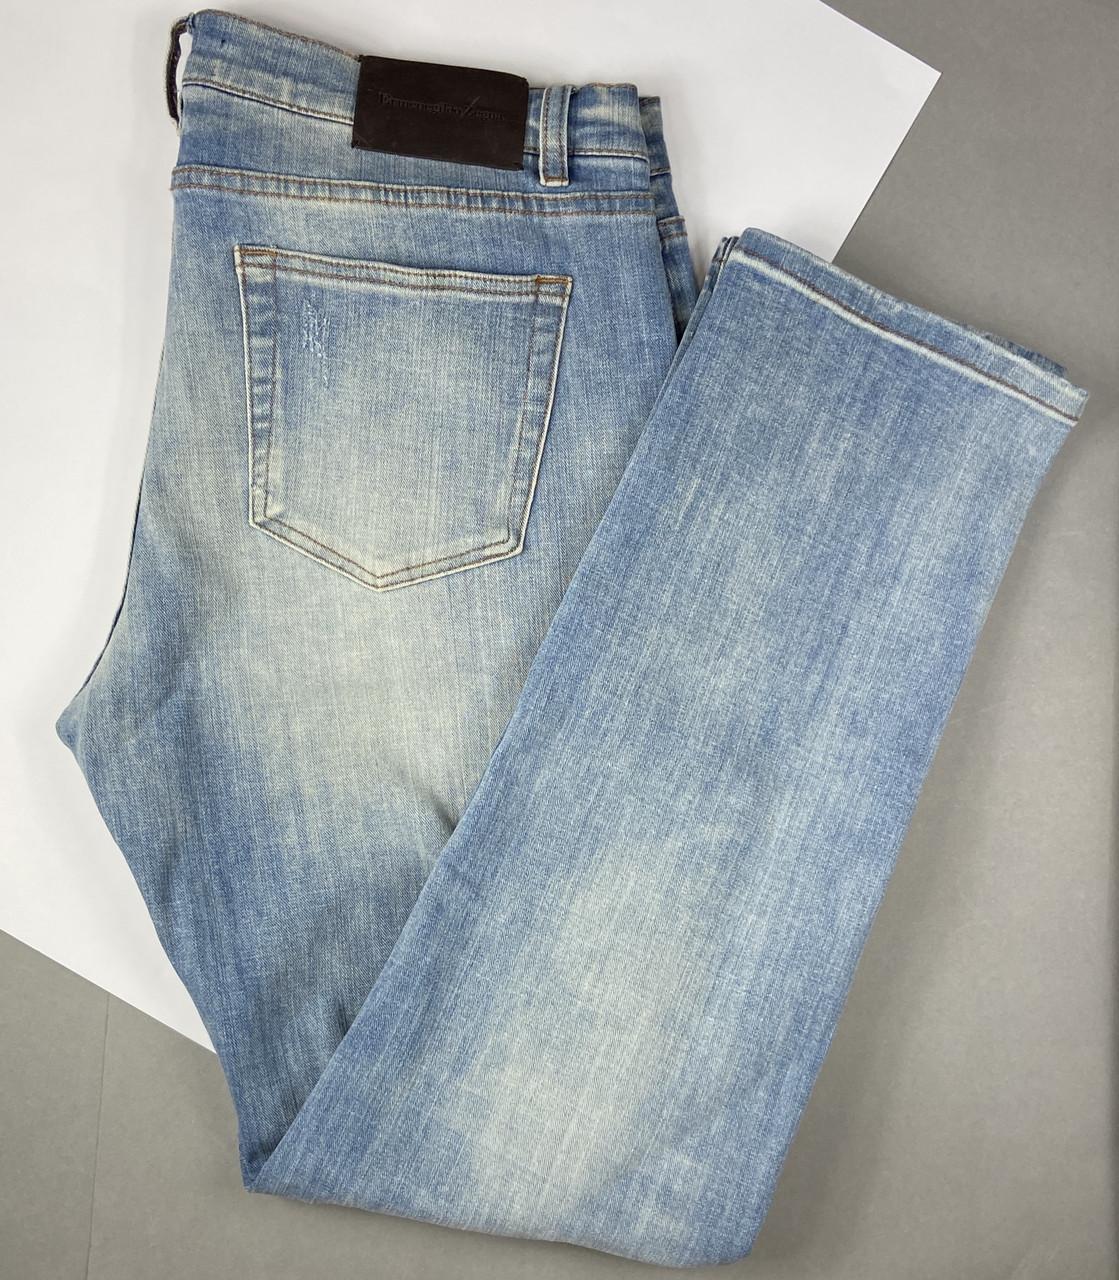 Чоловічі джинси Zegna (Зегна) арт. 103-01